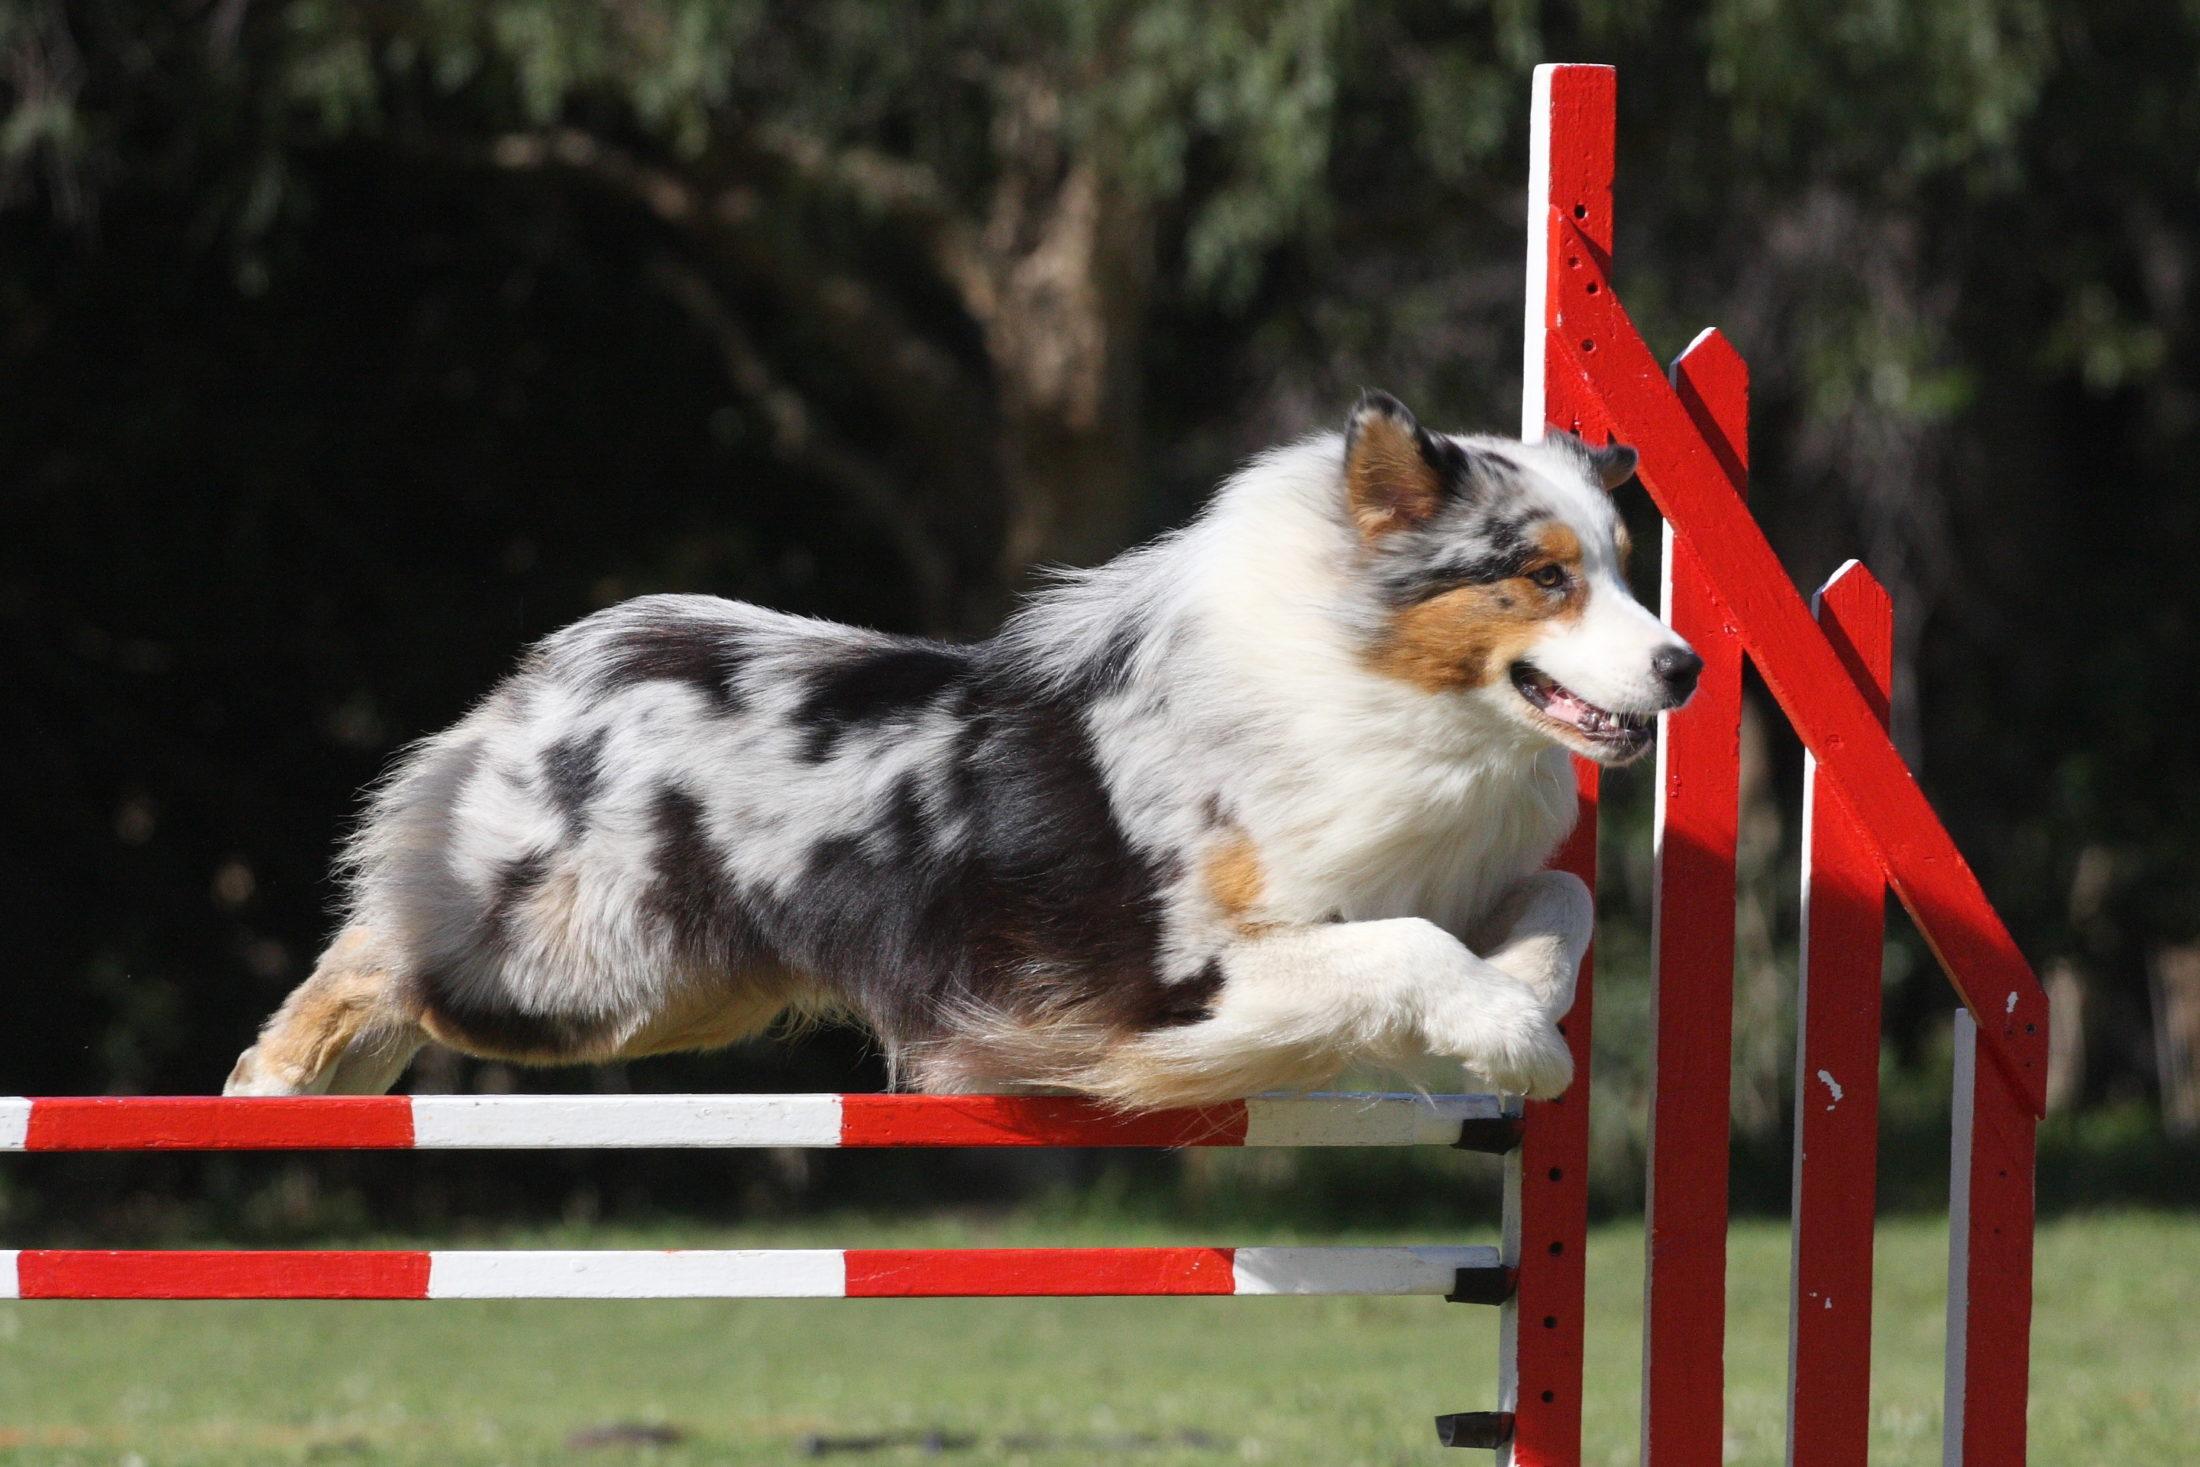 cachorro saltando obstáculo de agilidade